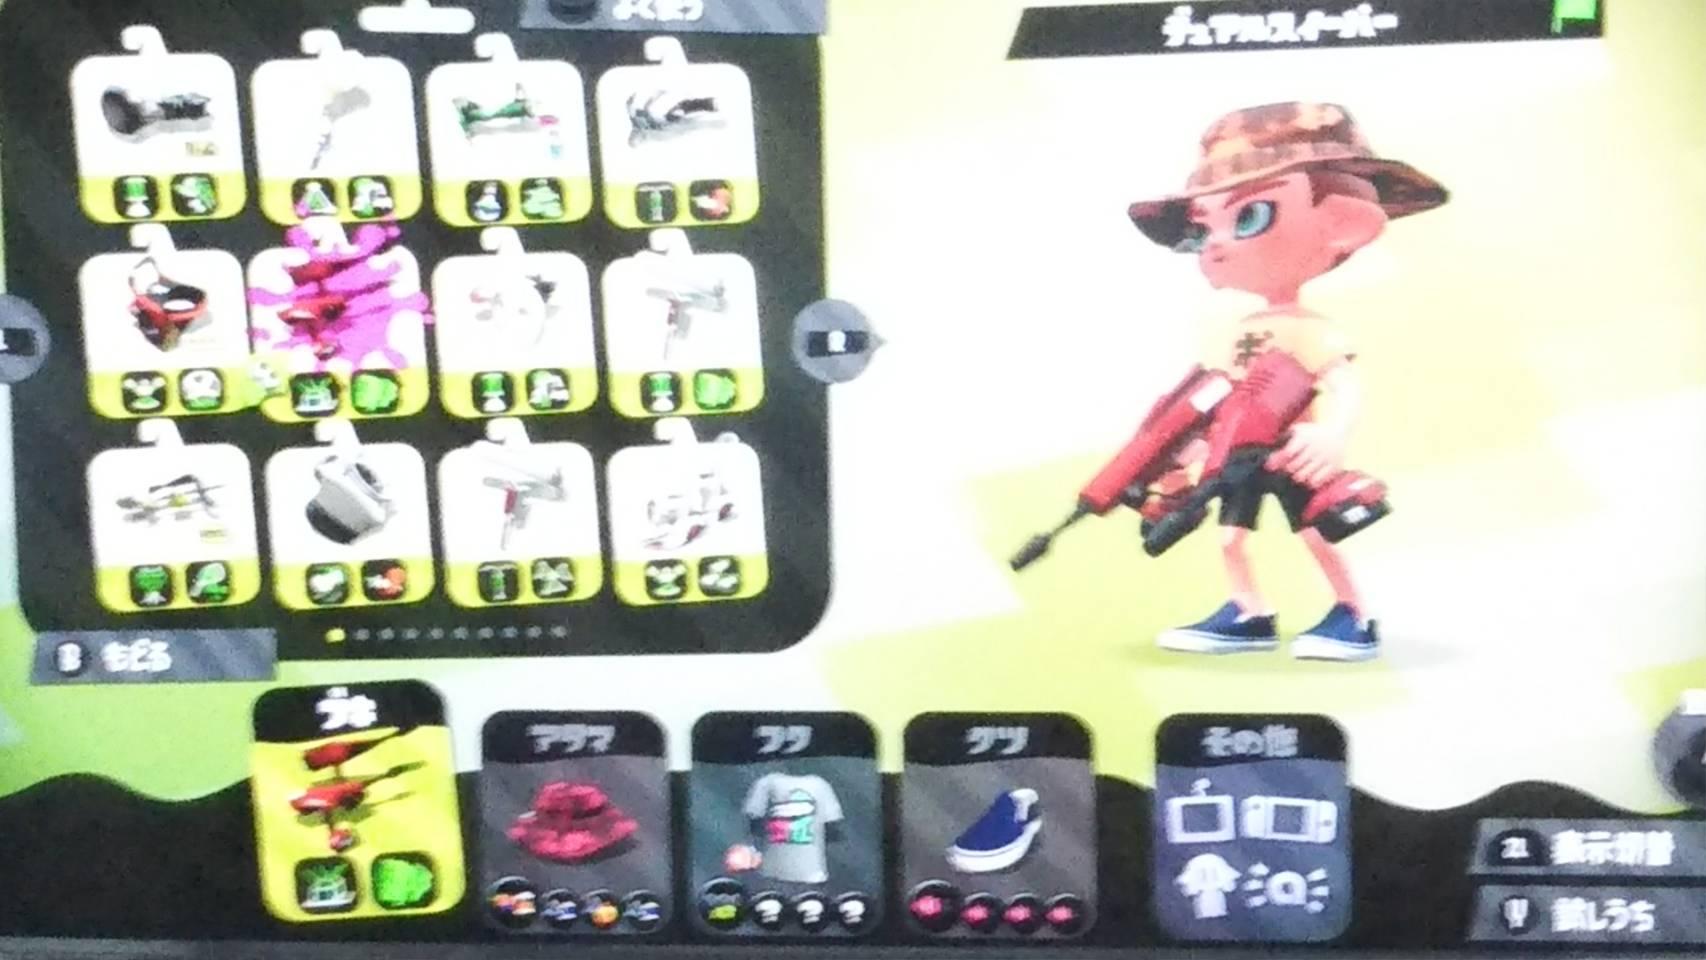 武器一覧 2 スプラ トゥーン 【スプラトゥーン2】全武器(ブキ)一覧とサブ・スペシャル ゲームエイト